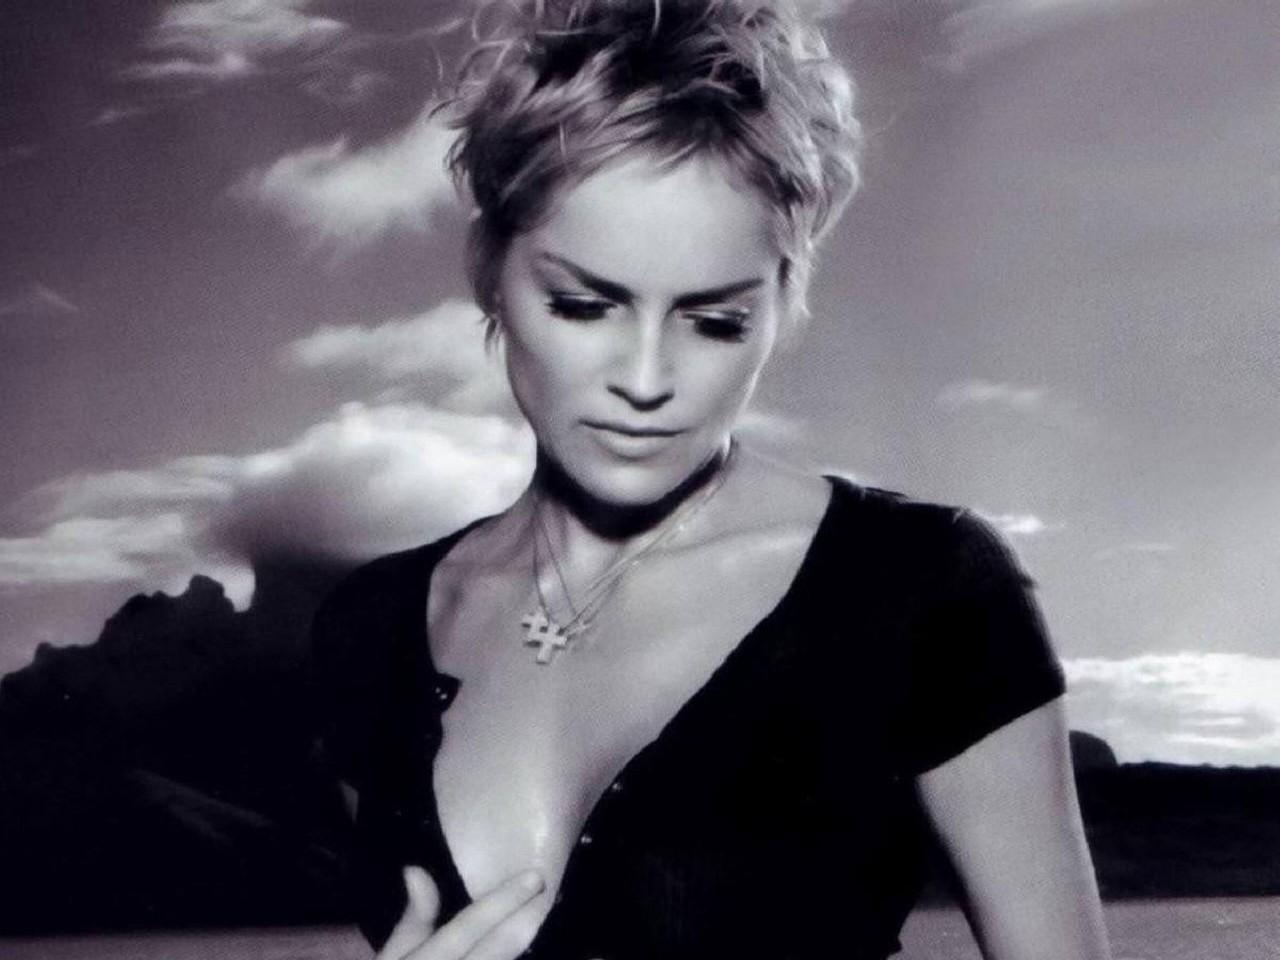 Wallpaper: nuvole e sensualità per Sharon Stone